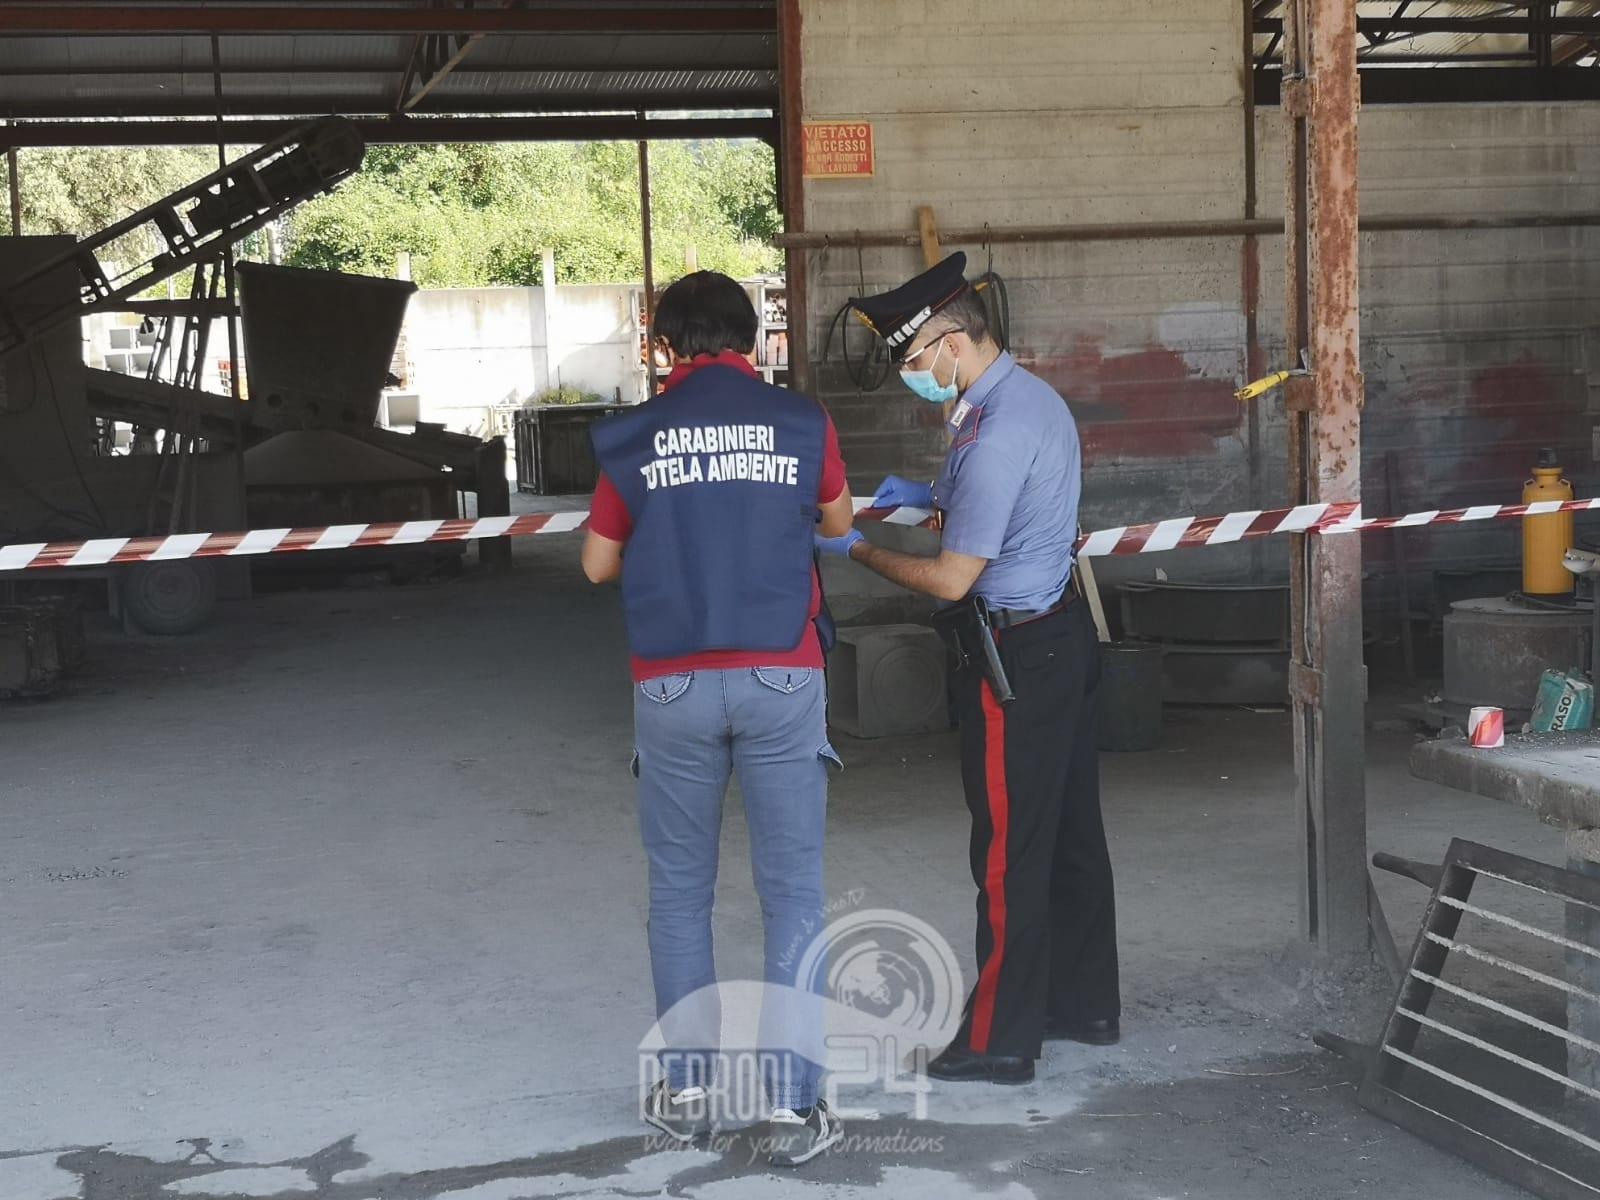 Brolo – Controlli dei Carabinieri su due aziende. Denunciati i titolari per violazione ambientali e sequestrati gli impianti di produzione